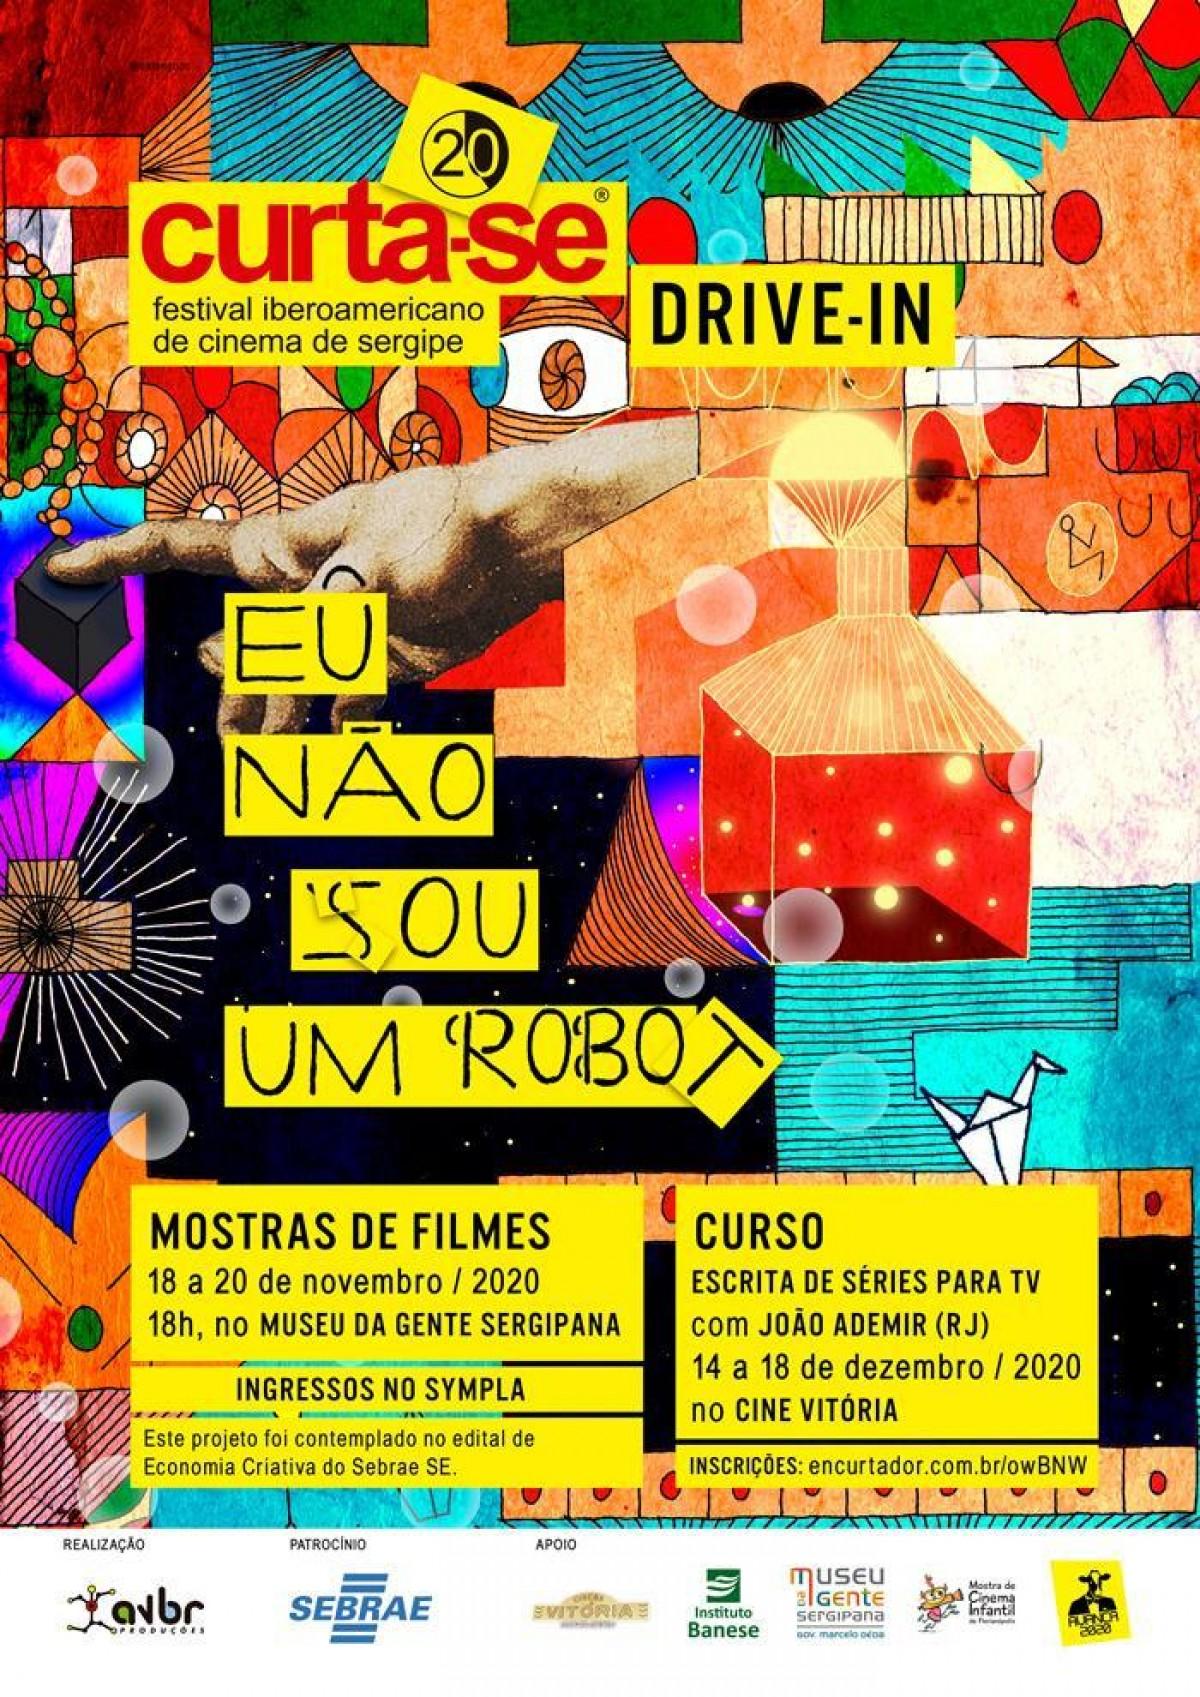 Curta-SE começa nesta quarta-feira, 18/11, com sessão acessibilidade (Imagem: Divulgação/ Casa Curta-SE)